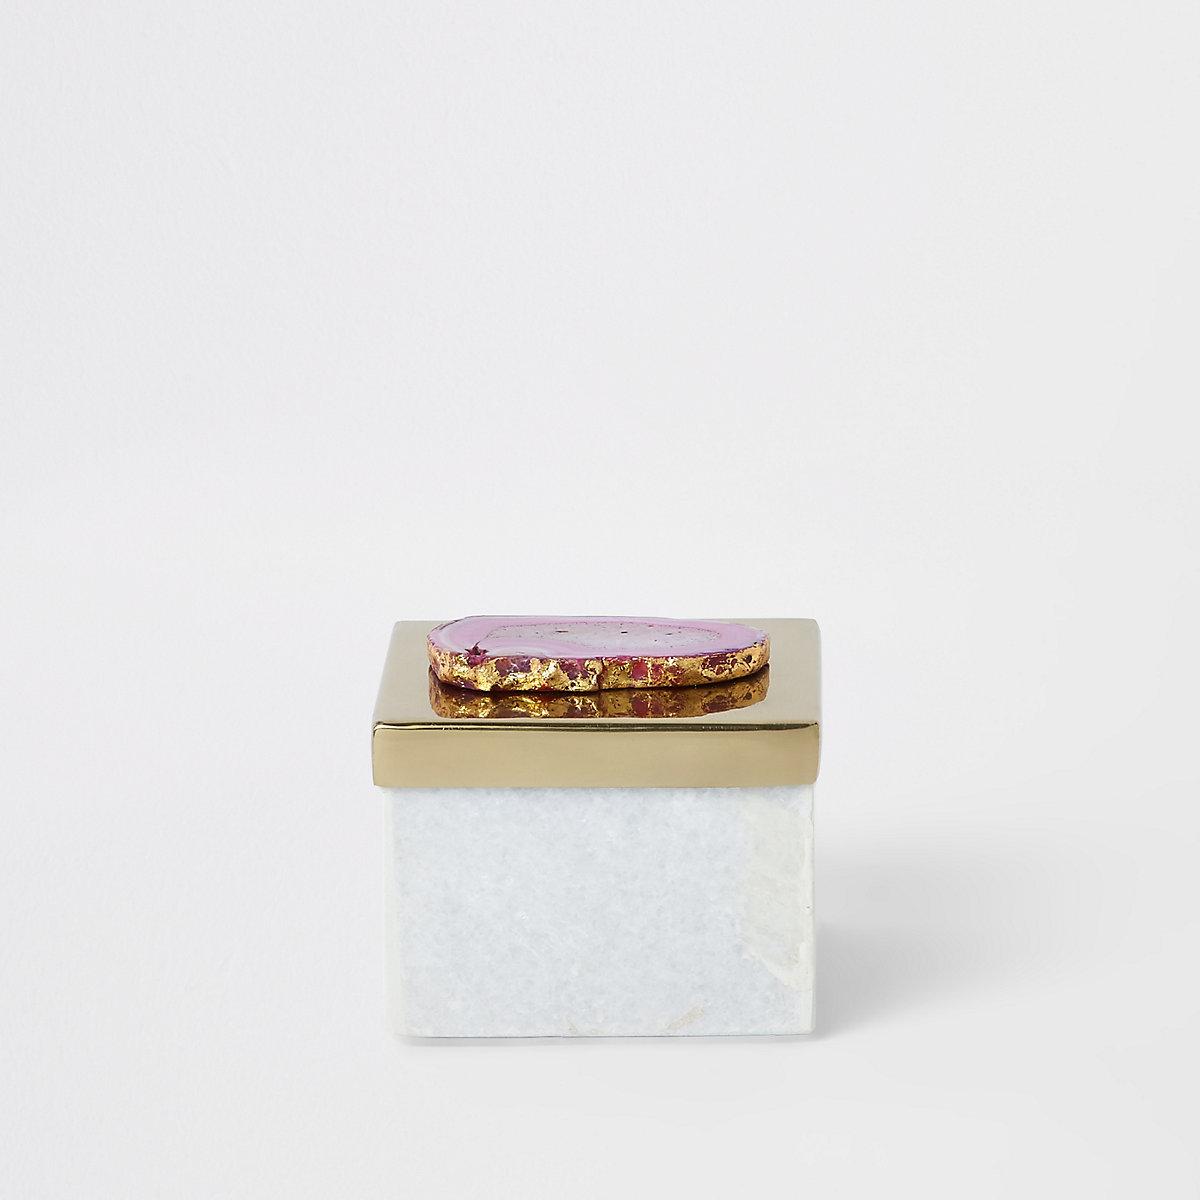 Boîte en marbre avec couvercle en métal et agate